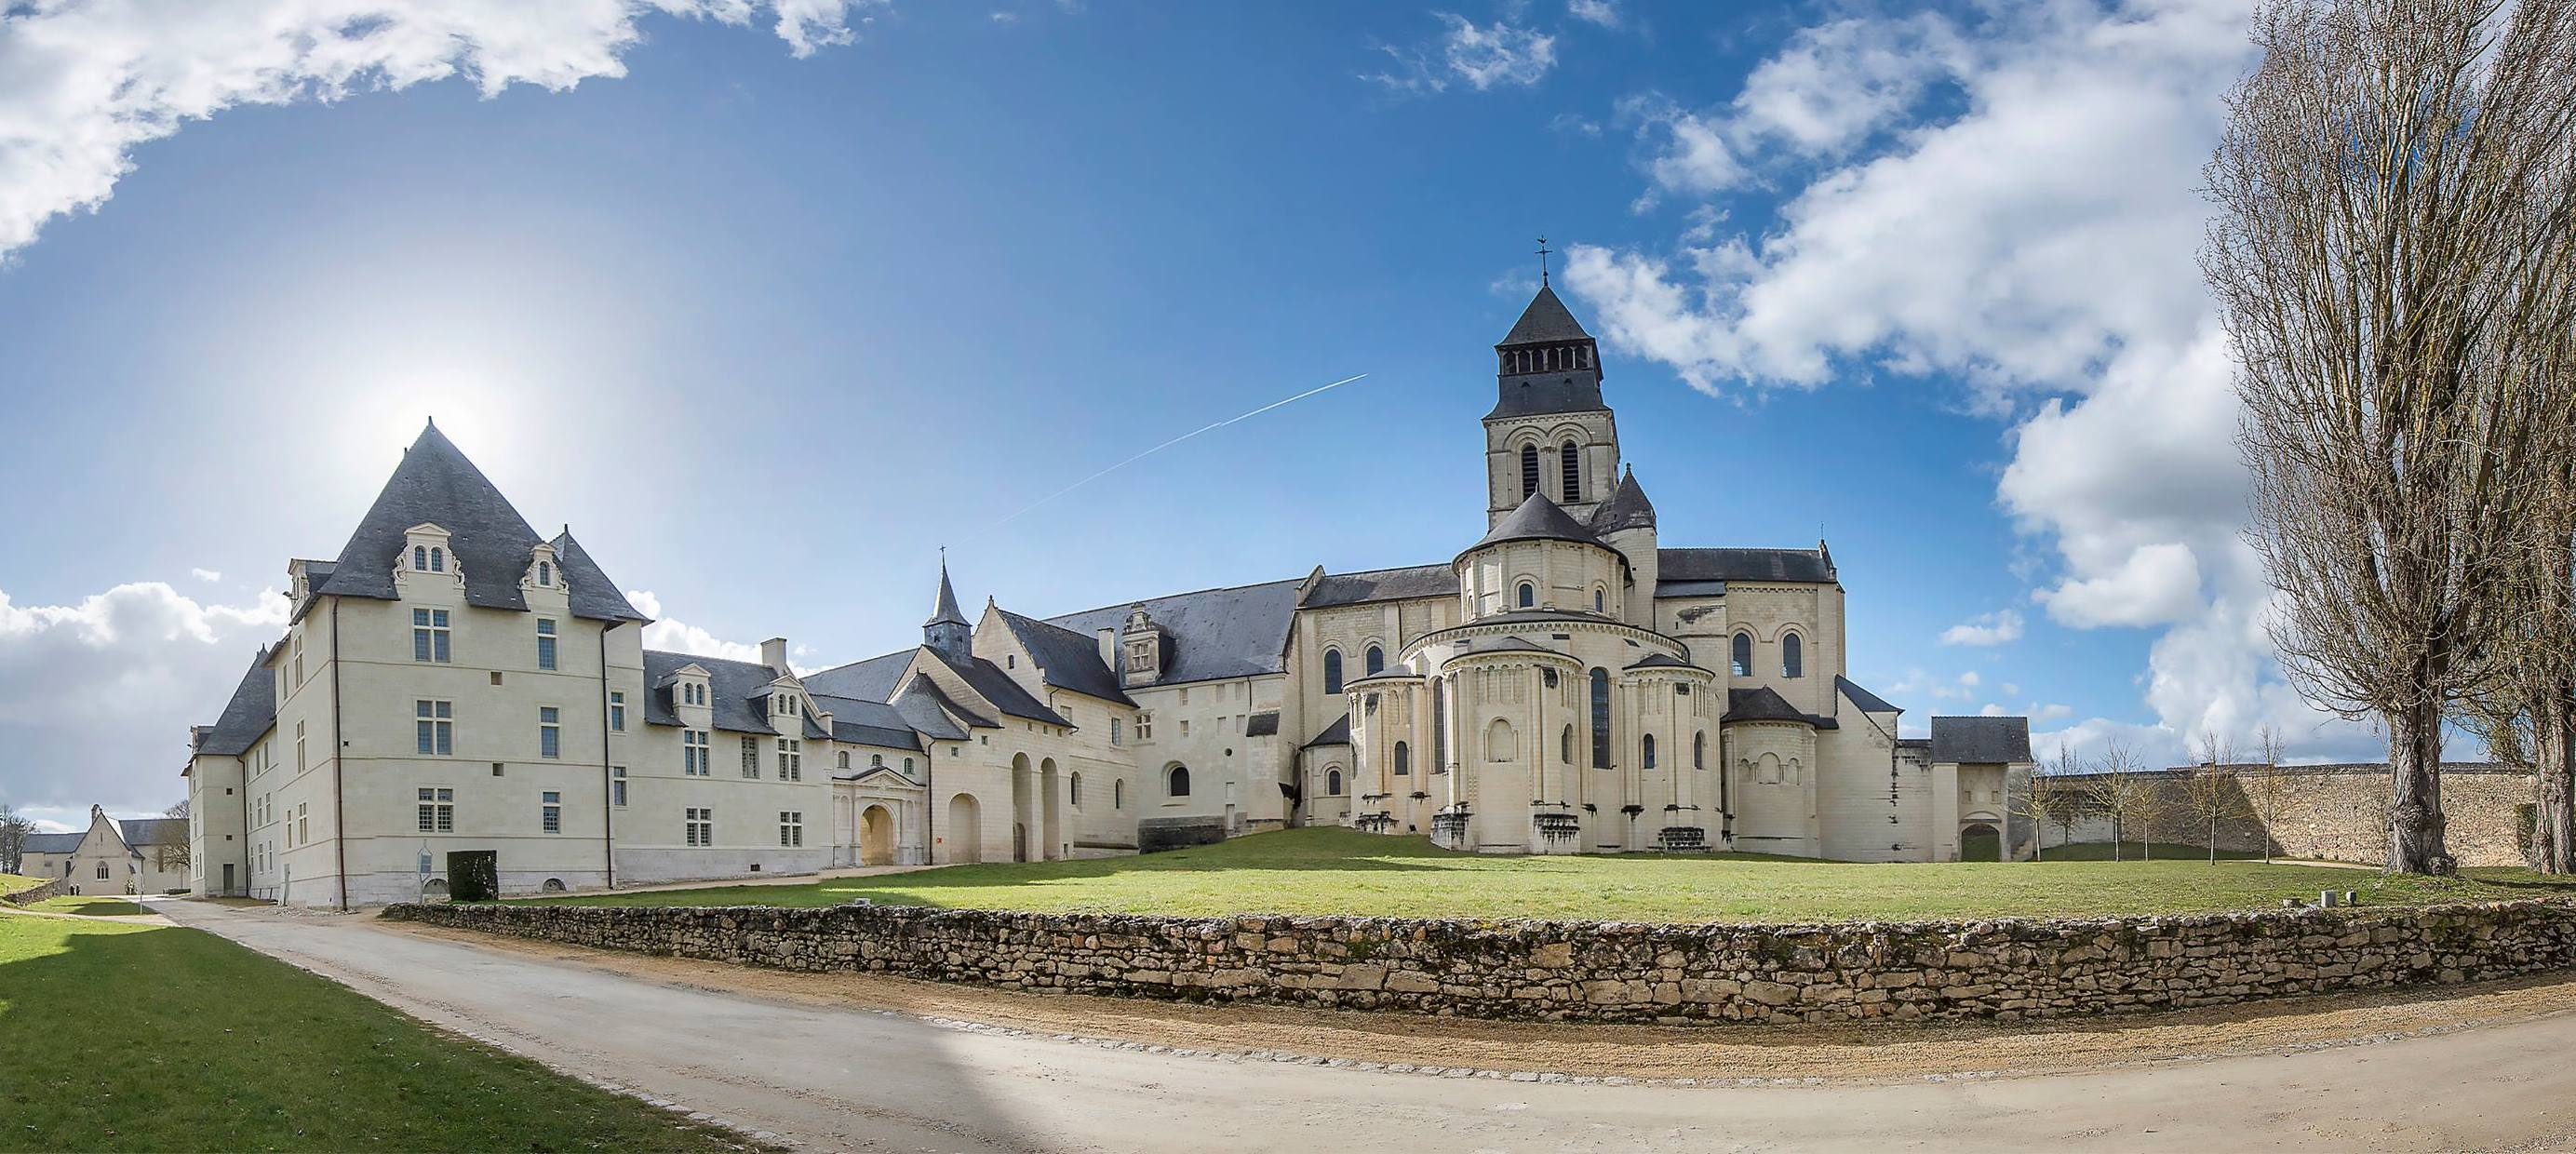 Abbaye Royale de Fontevraud - France - ACCR - Association des Centres  culturels de rencontre